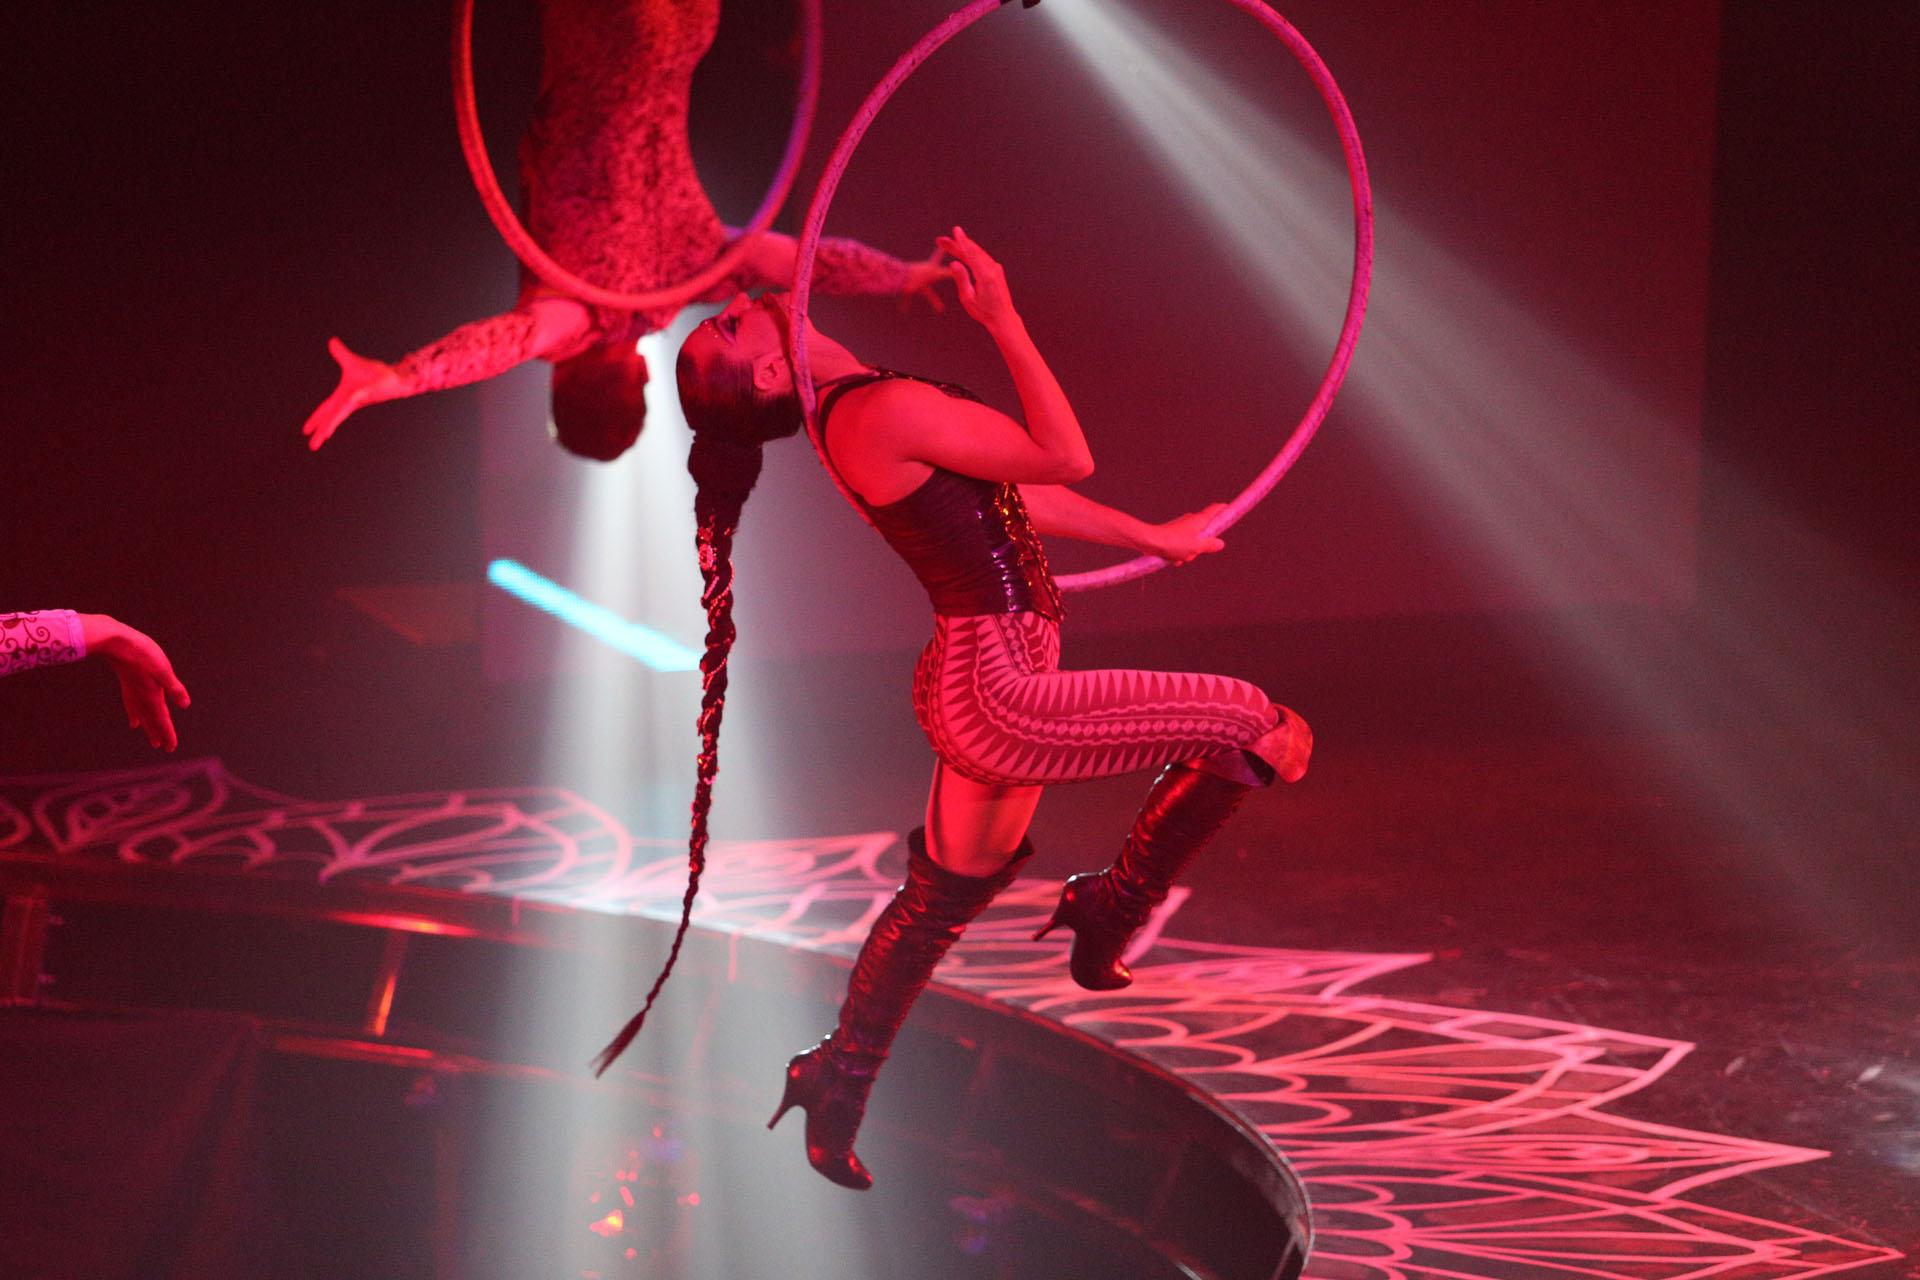 El show de acrobacia de Mahatma